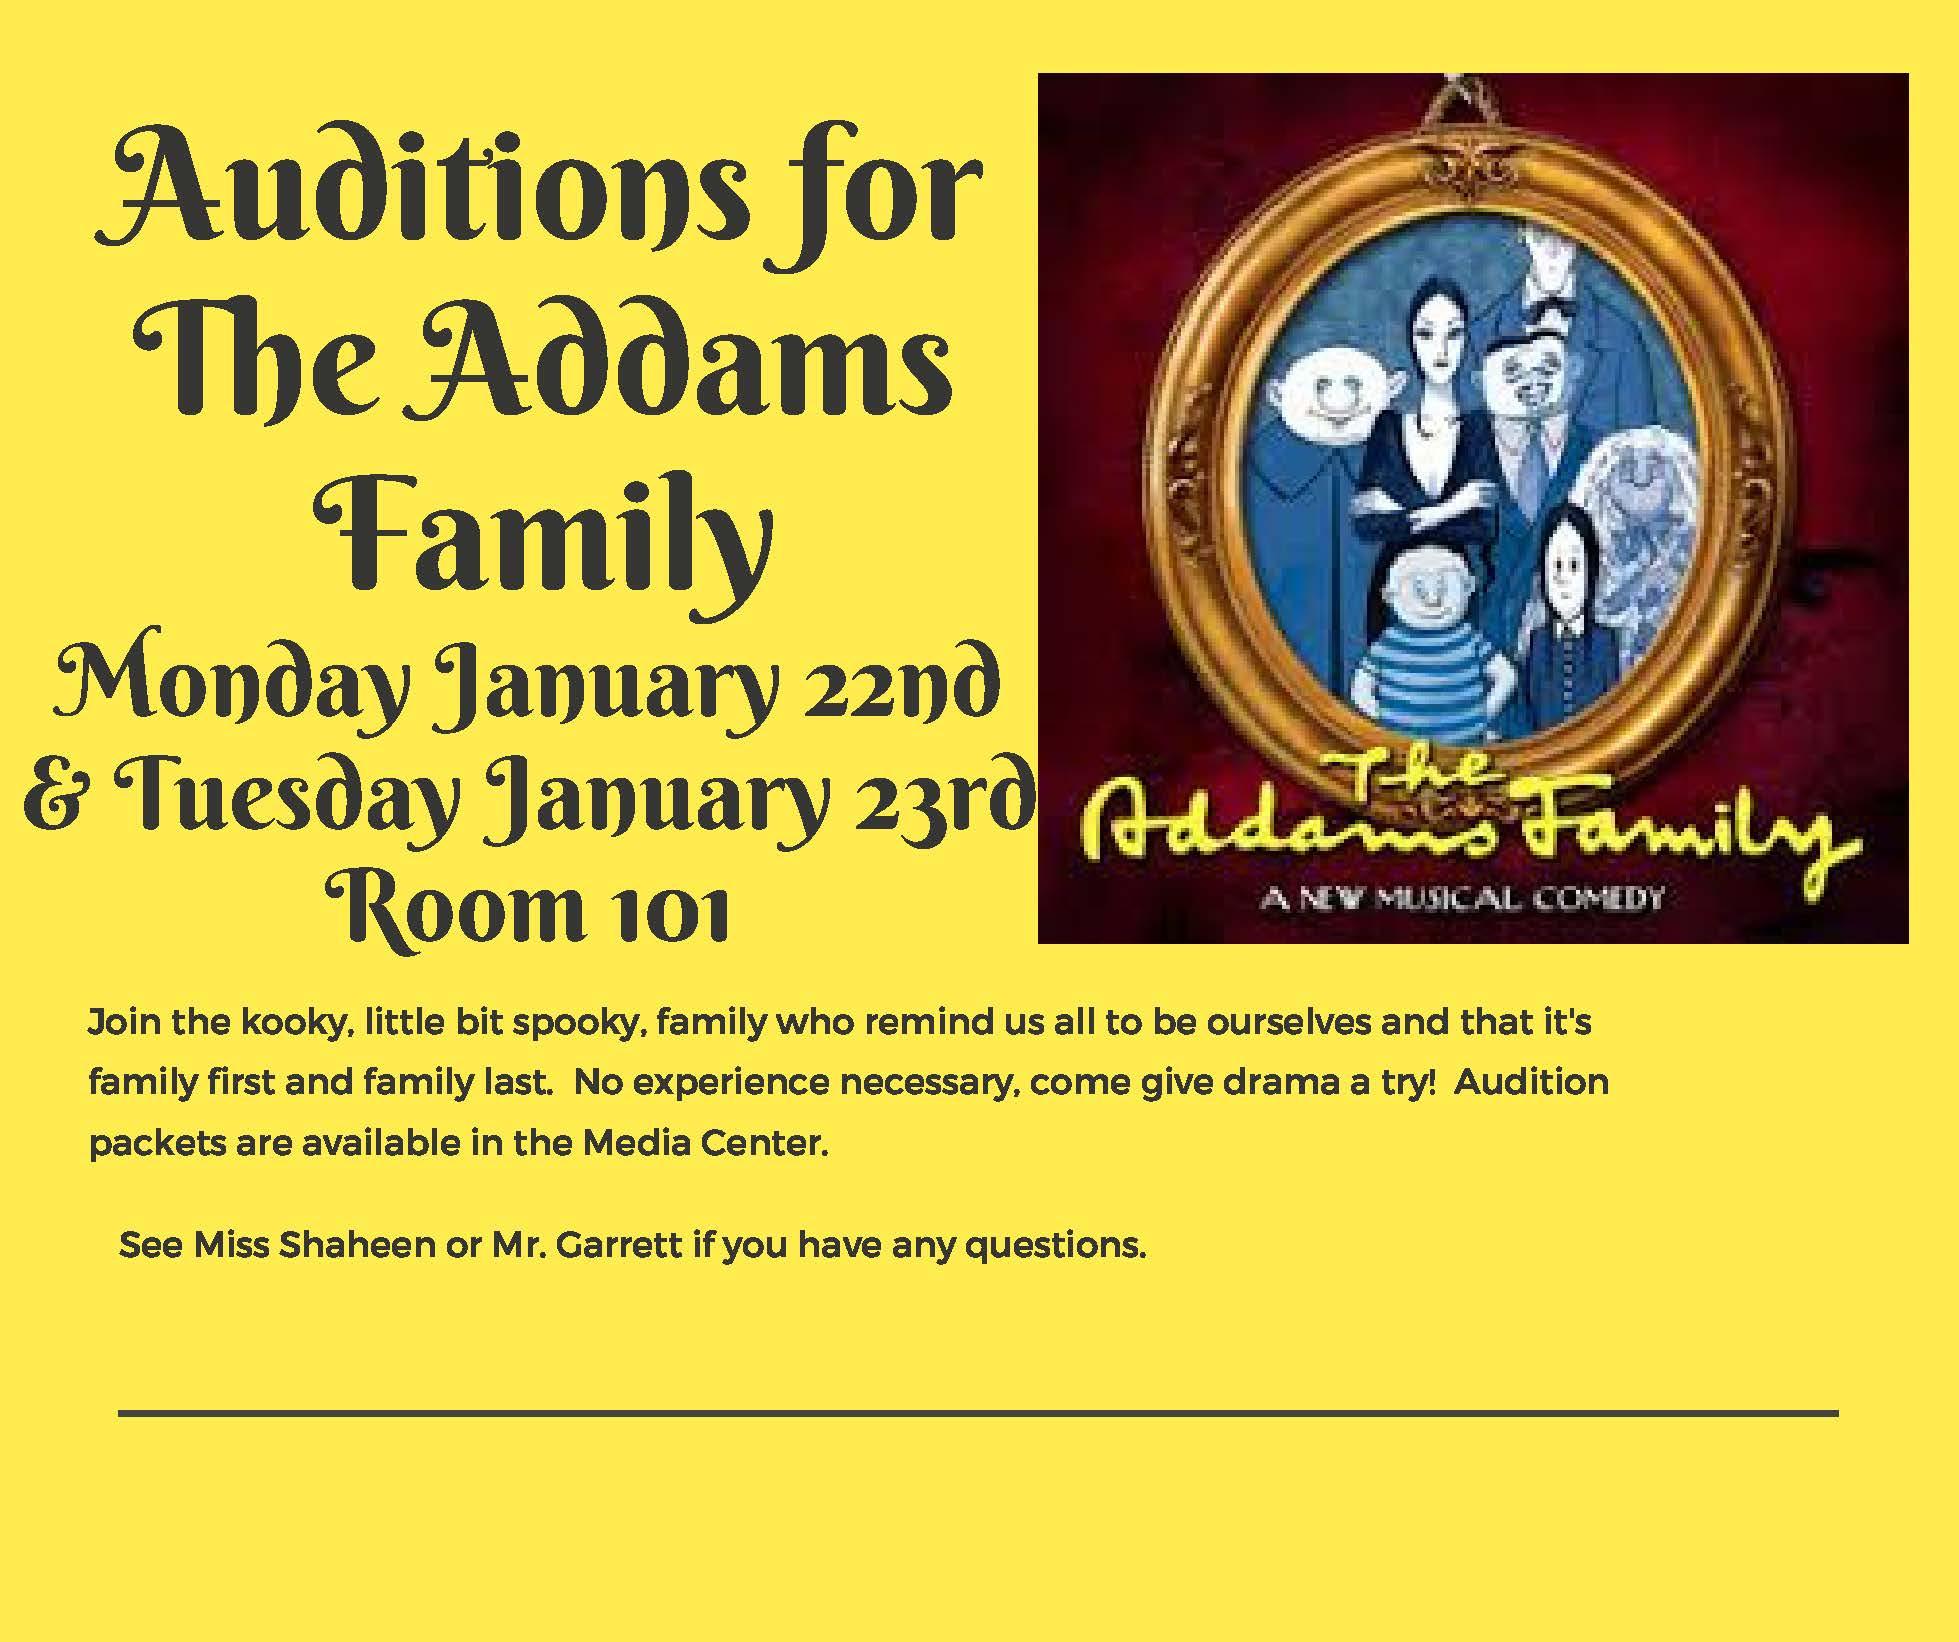 adams-family-auditions.jpg